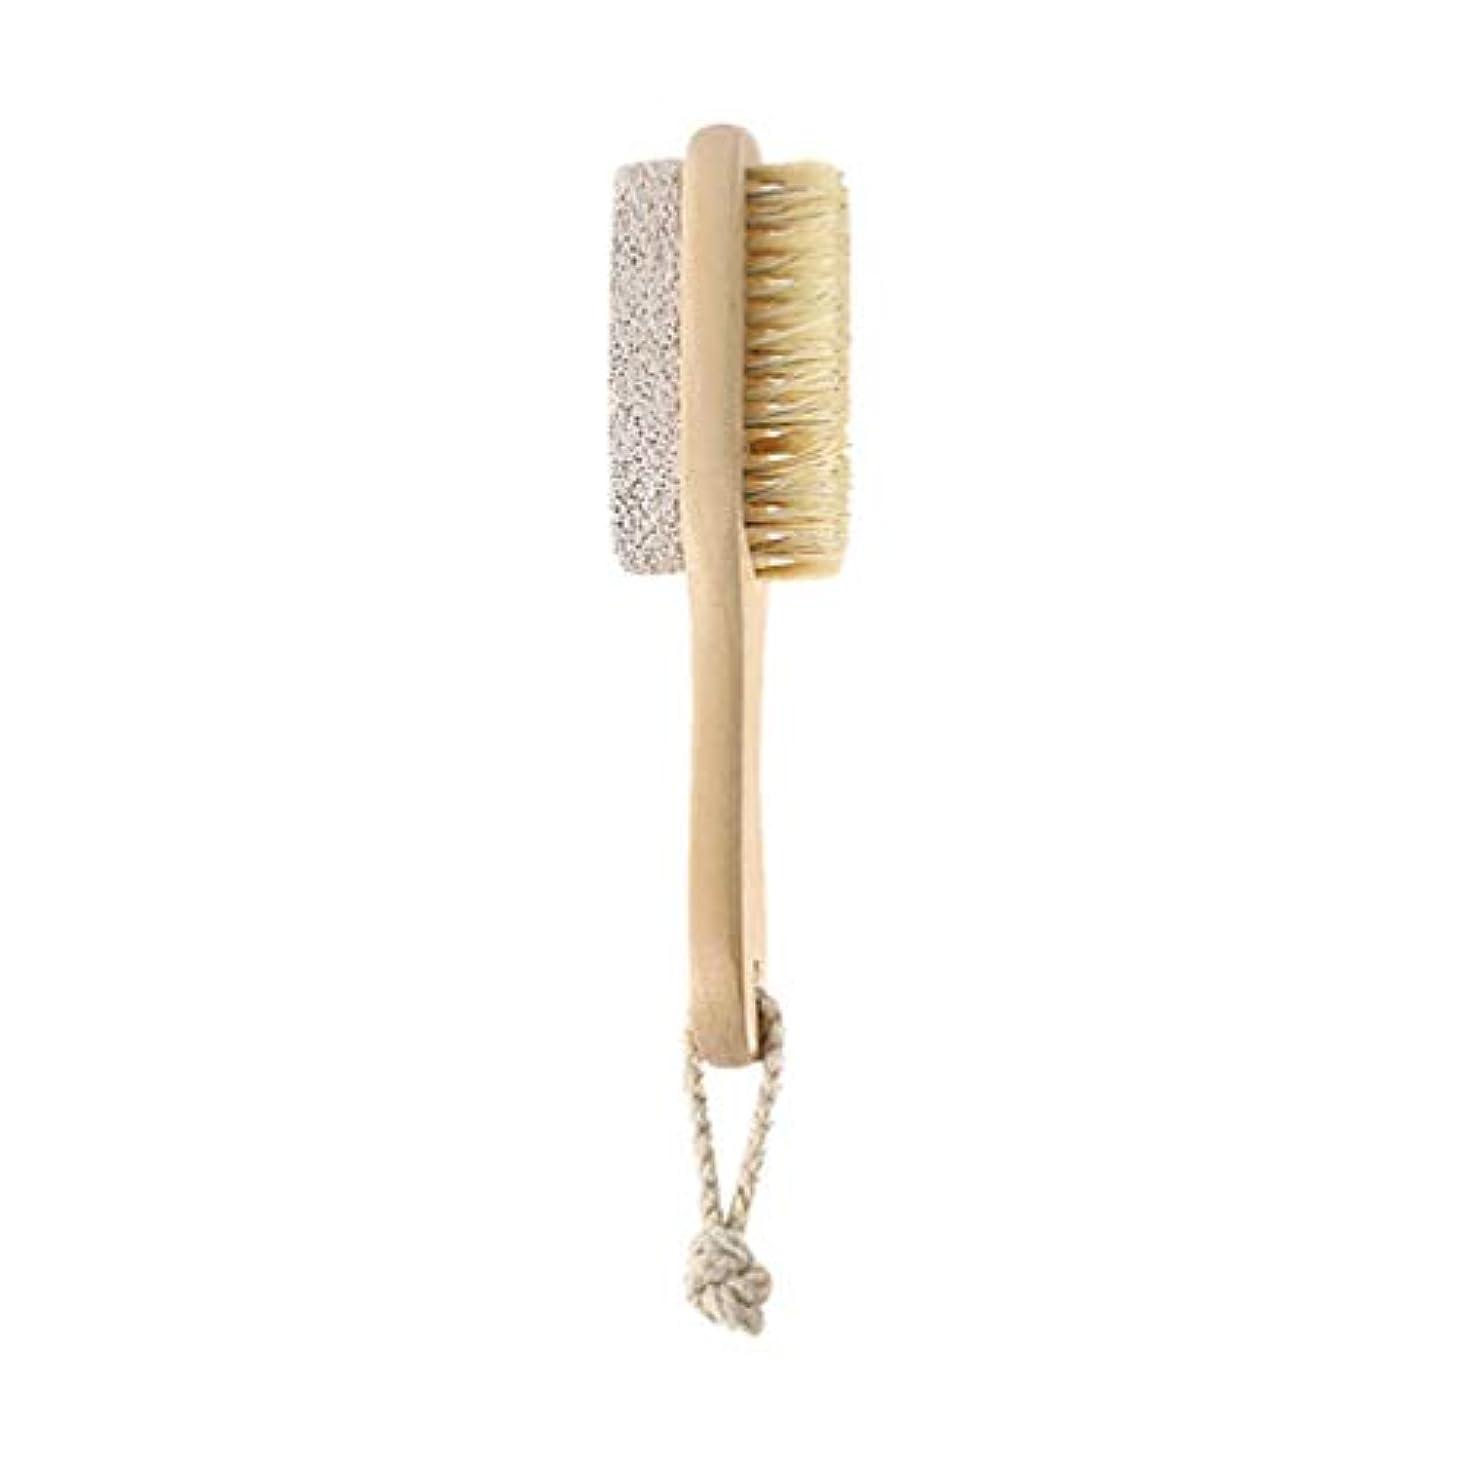 メンタリティフィクション月曜Healifty 自然な毛の足ファイルブラシ軽石石カルスリムーバー死んだ皮膚リムーバーの木製ハンドル付き